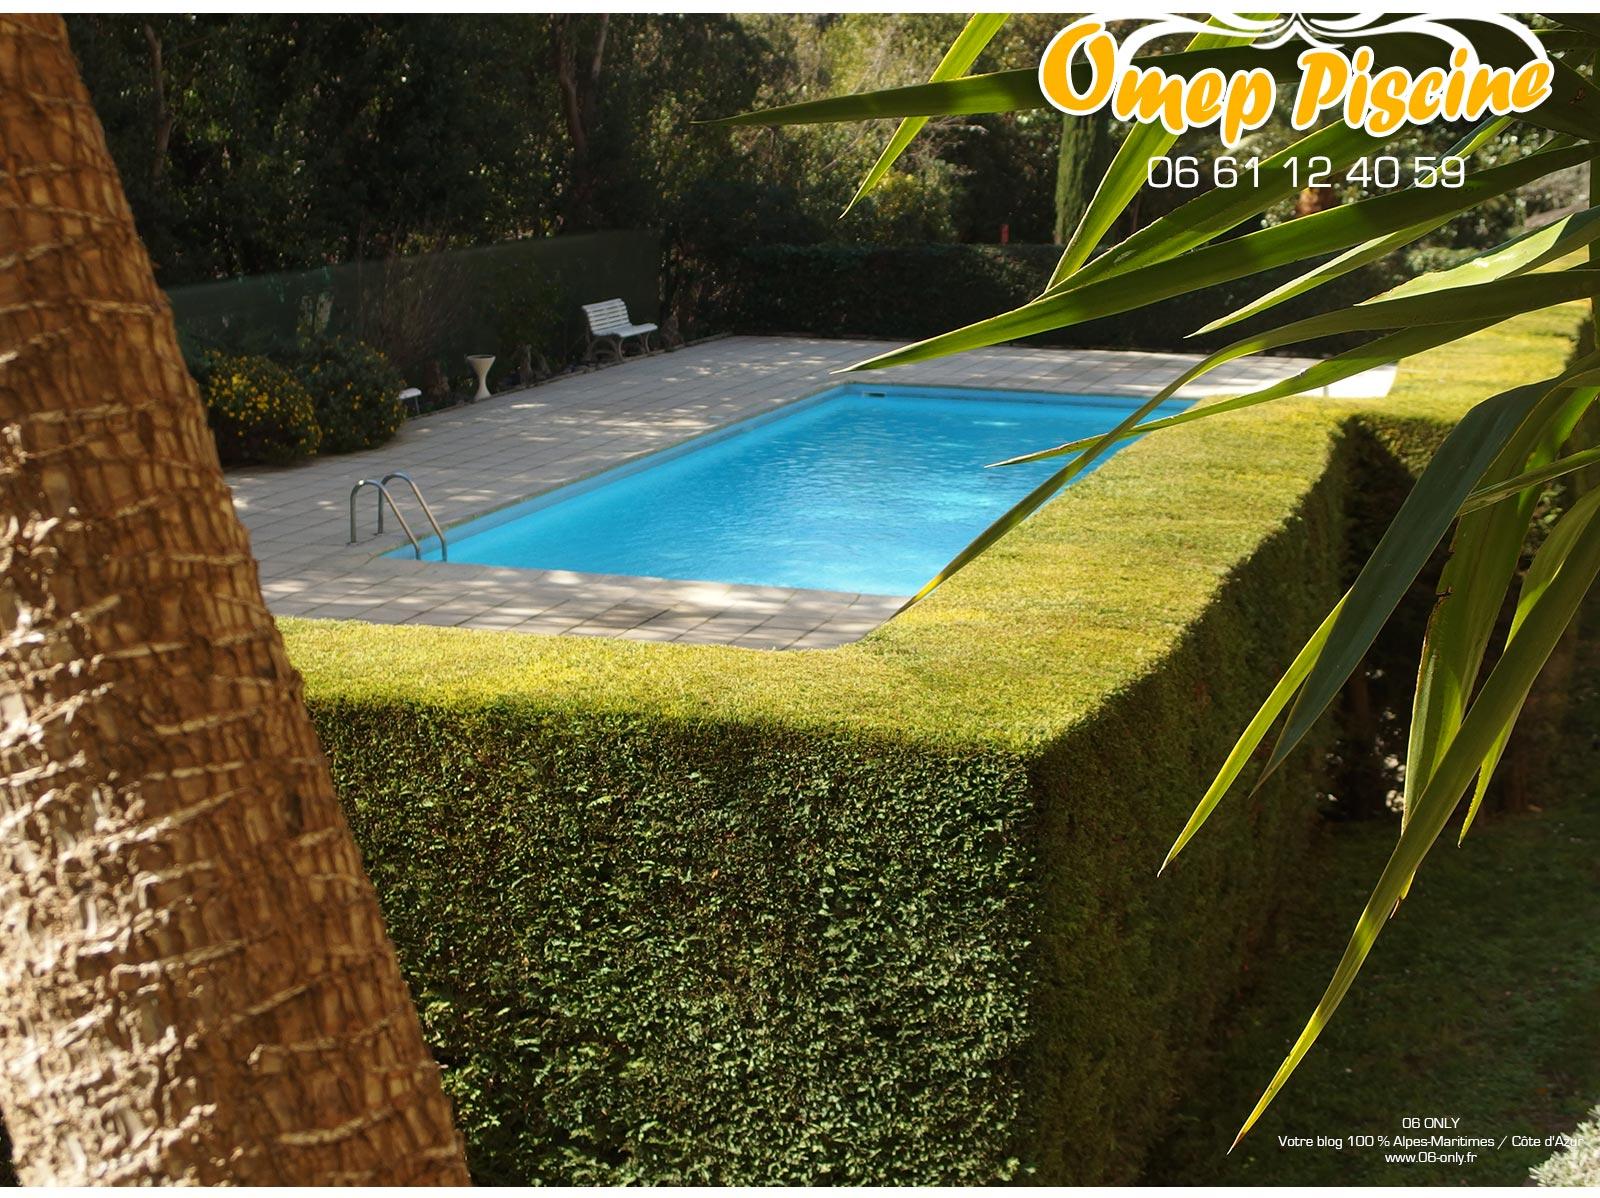 accessoire piscine 06